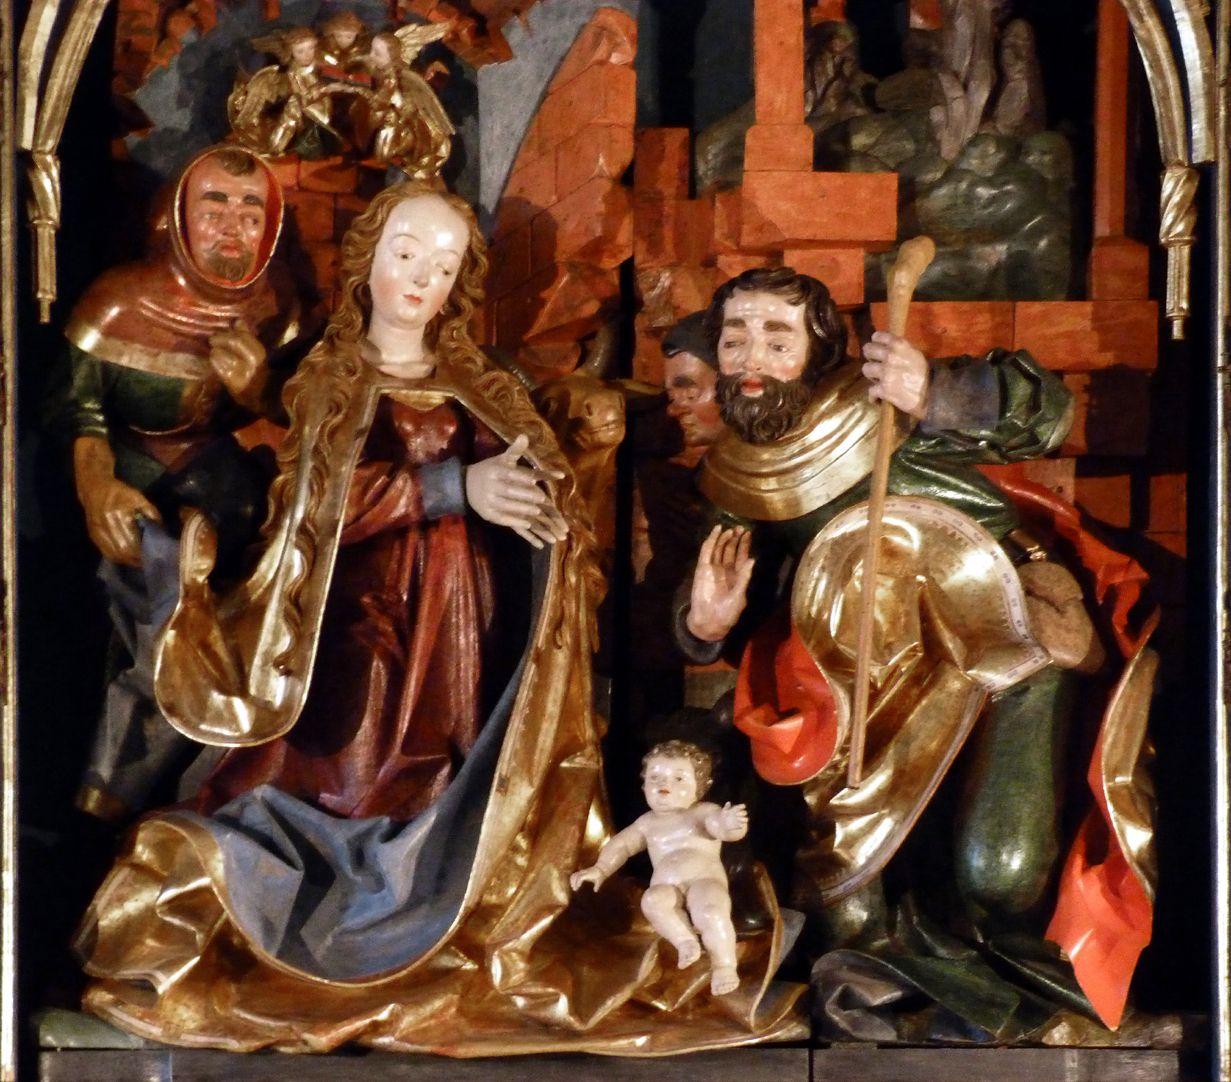 Altar of Mary (Salzburg) Central shrine, main group